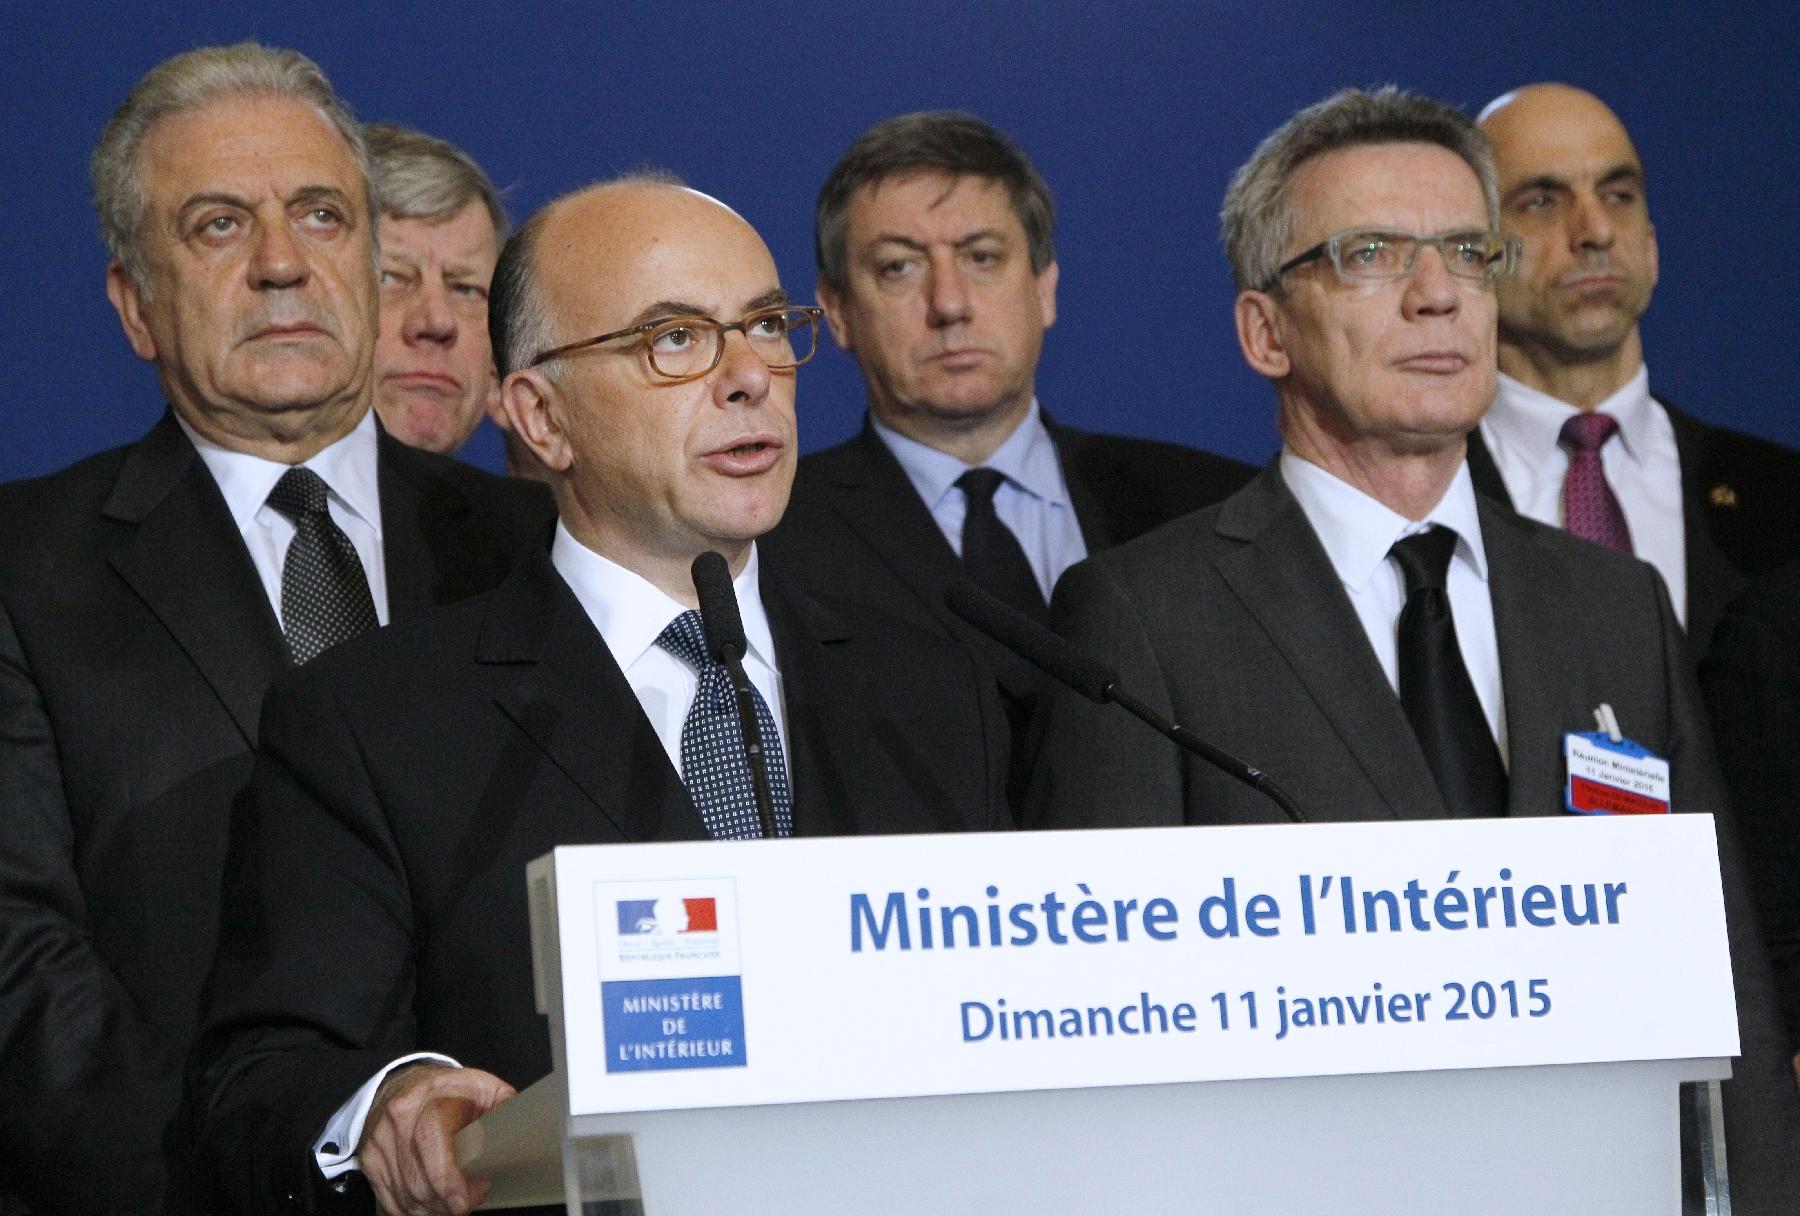 Les Occidentaux renforcent les mesures de lutte anti-terroriste